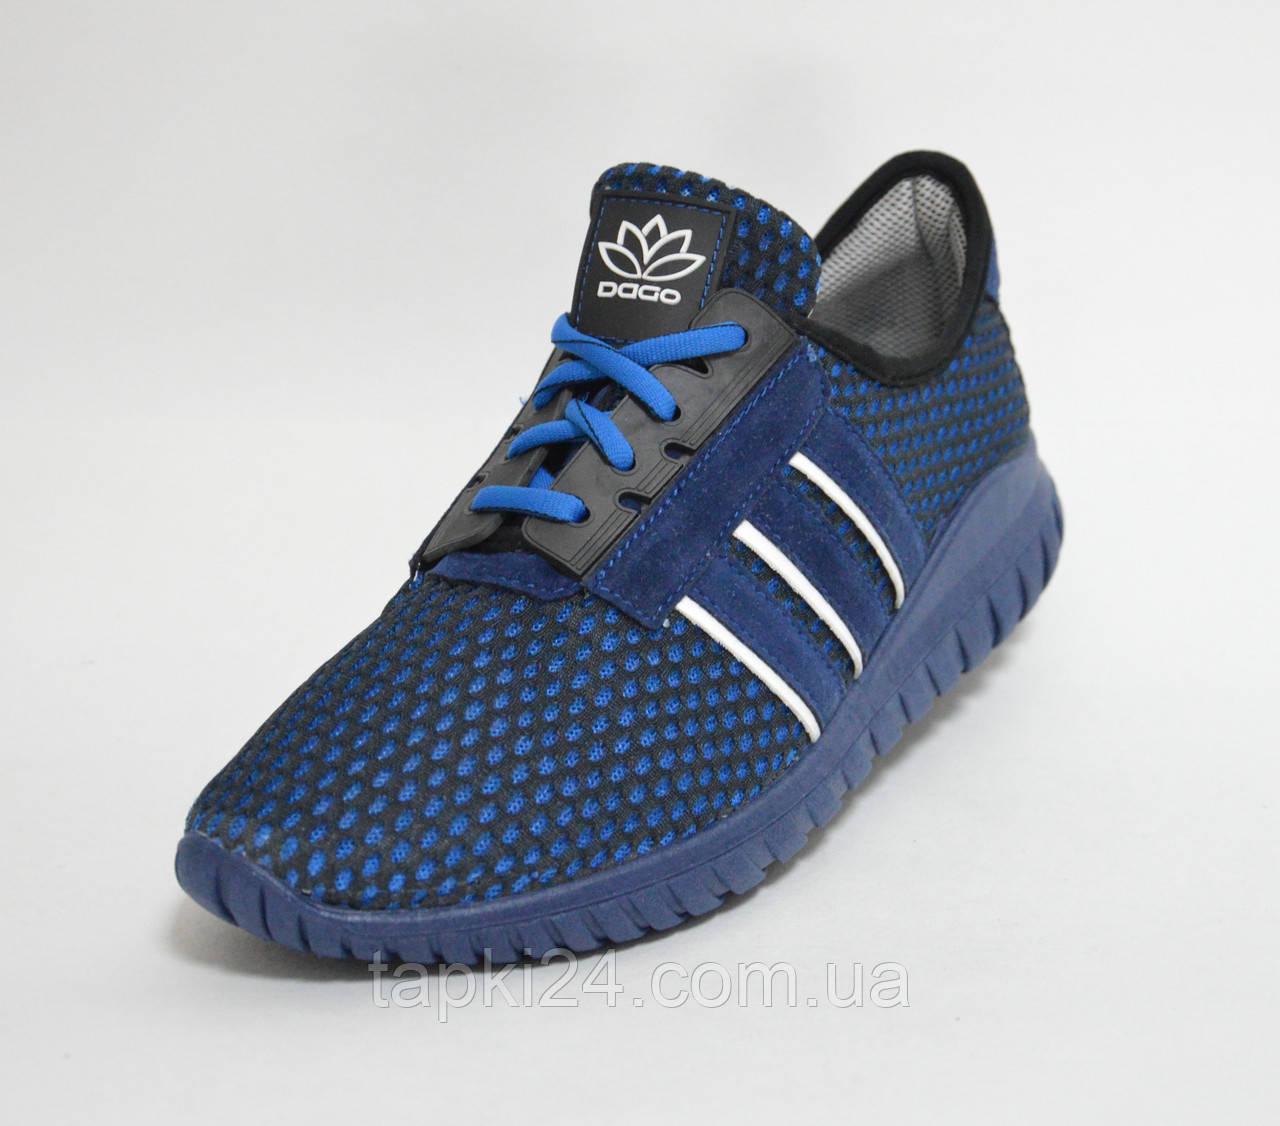 9d1854c3c Кроссовки сетка мужские синие Даго 9202 - Обувь оптом от производителя  tapki24 в Хмельницком